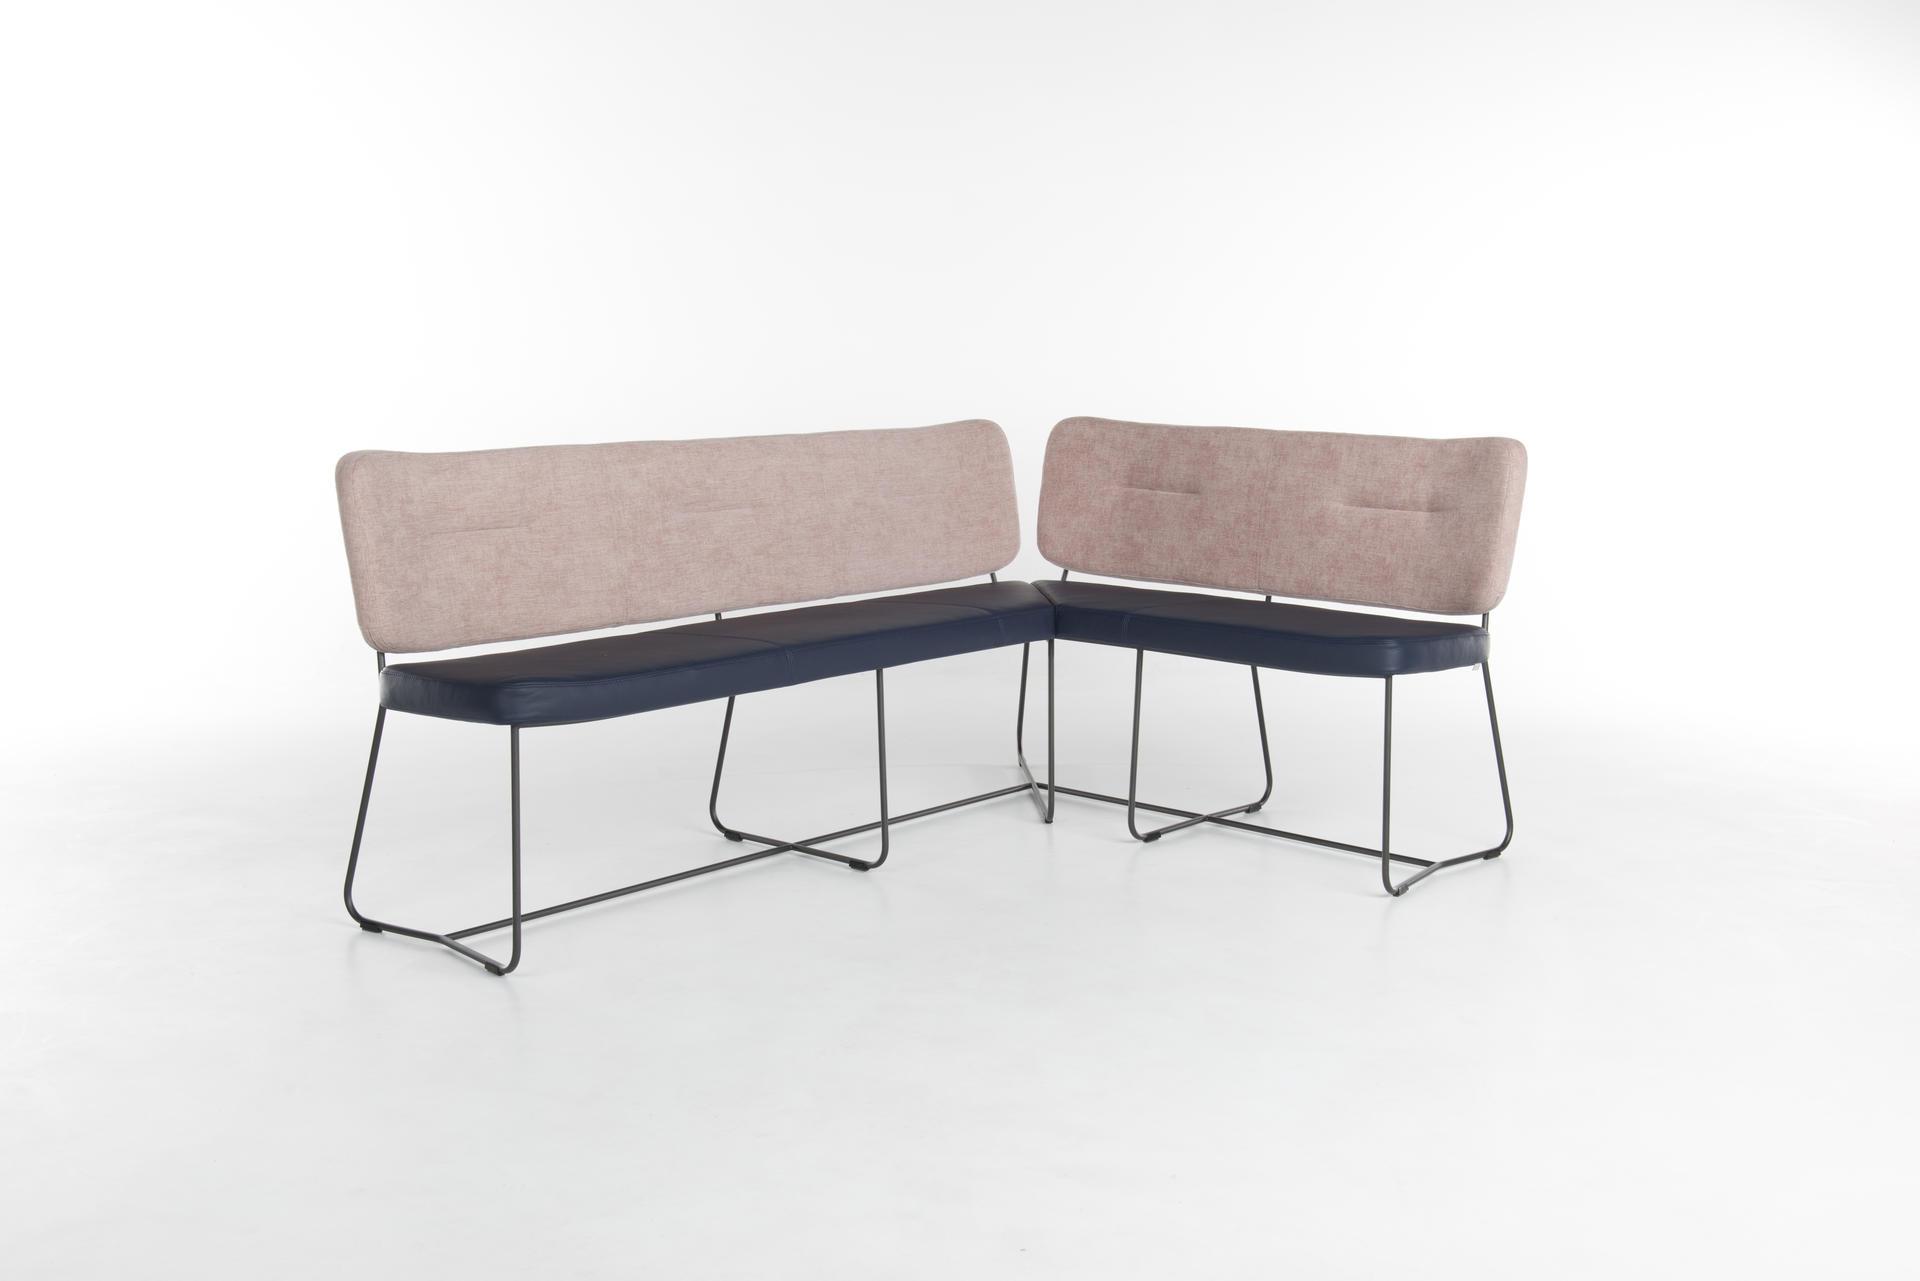 скамья KIKO bench, Bert Plantagie, фото 3